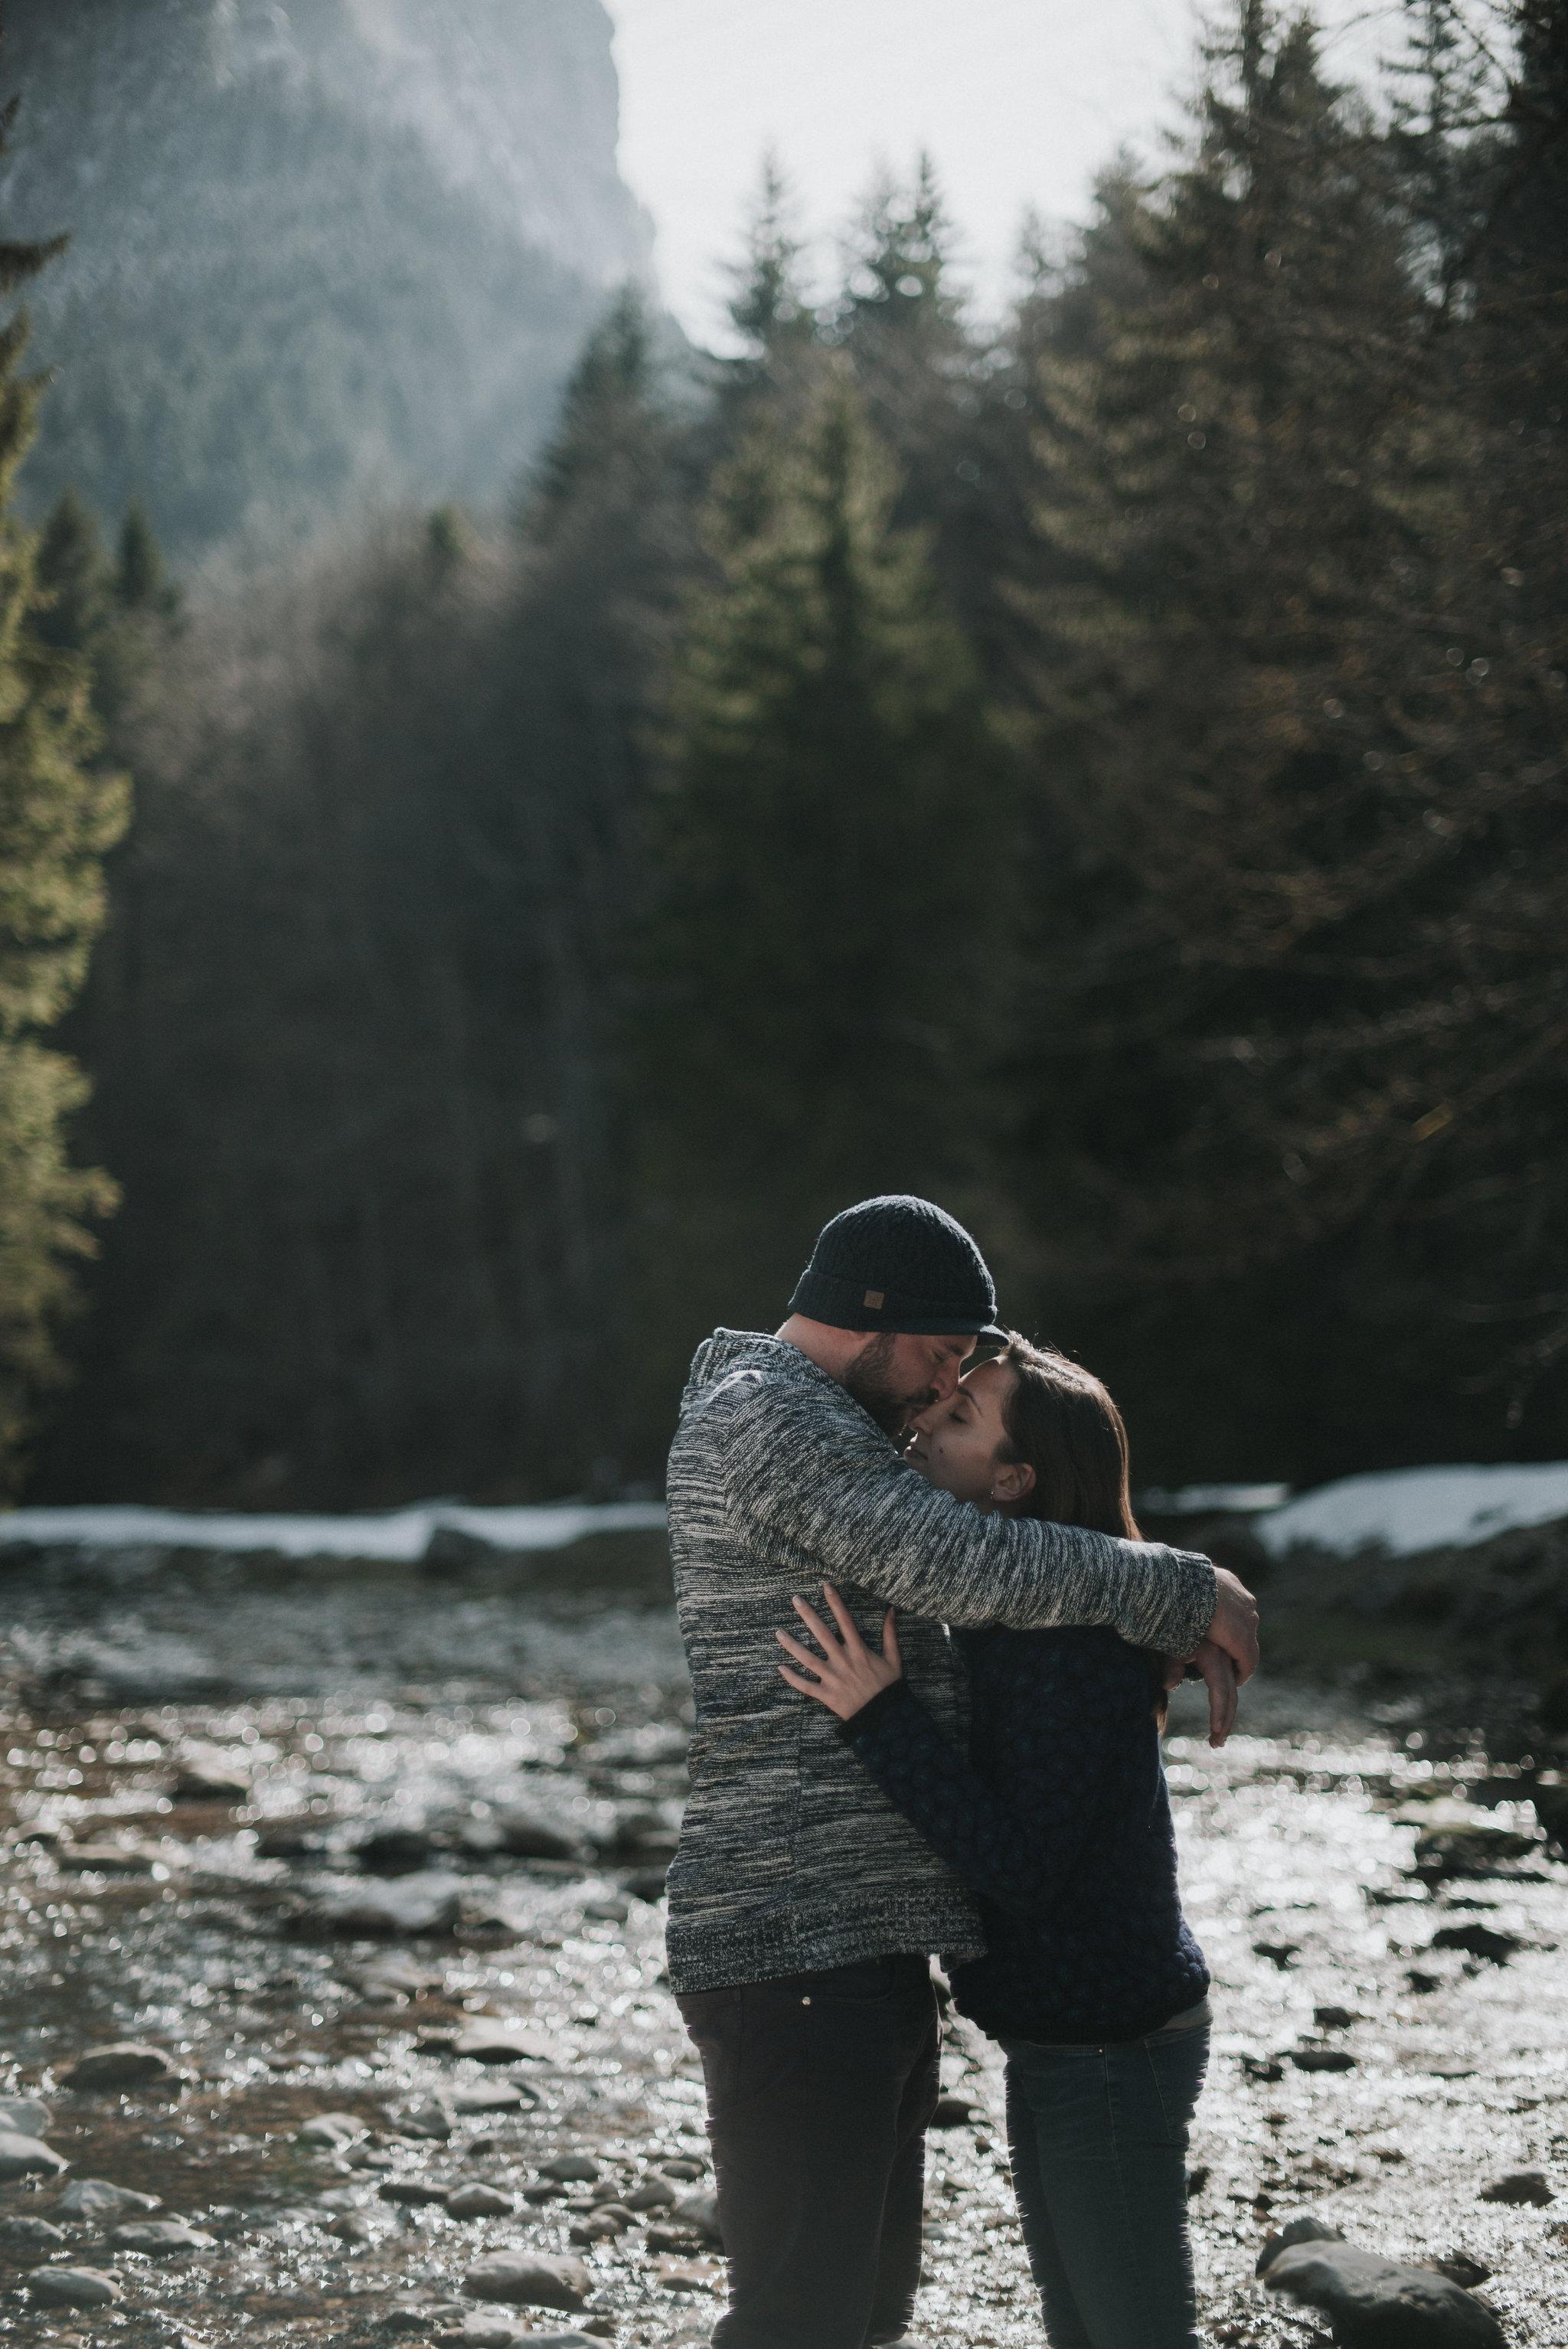 Léa-Fery-photographe-professionnel-lyon-rhone-alpes-portrait-creation-mariage-evenement-evenementiel-famille-5122.jpg